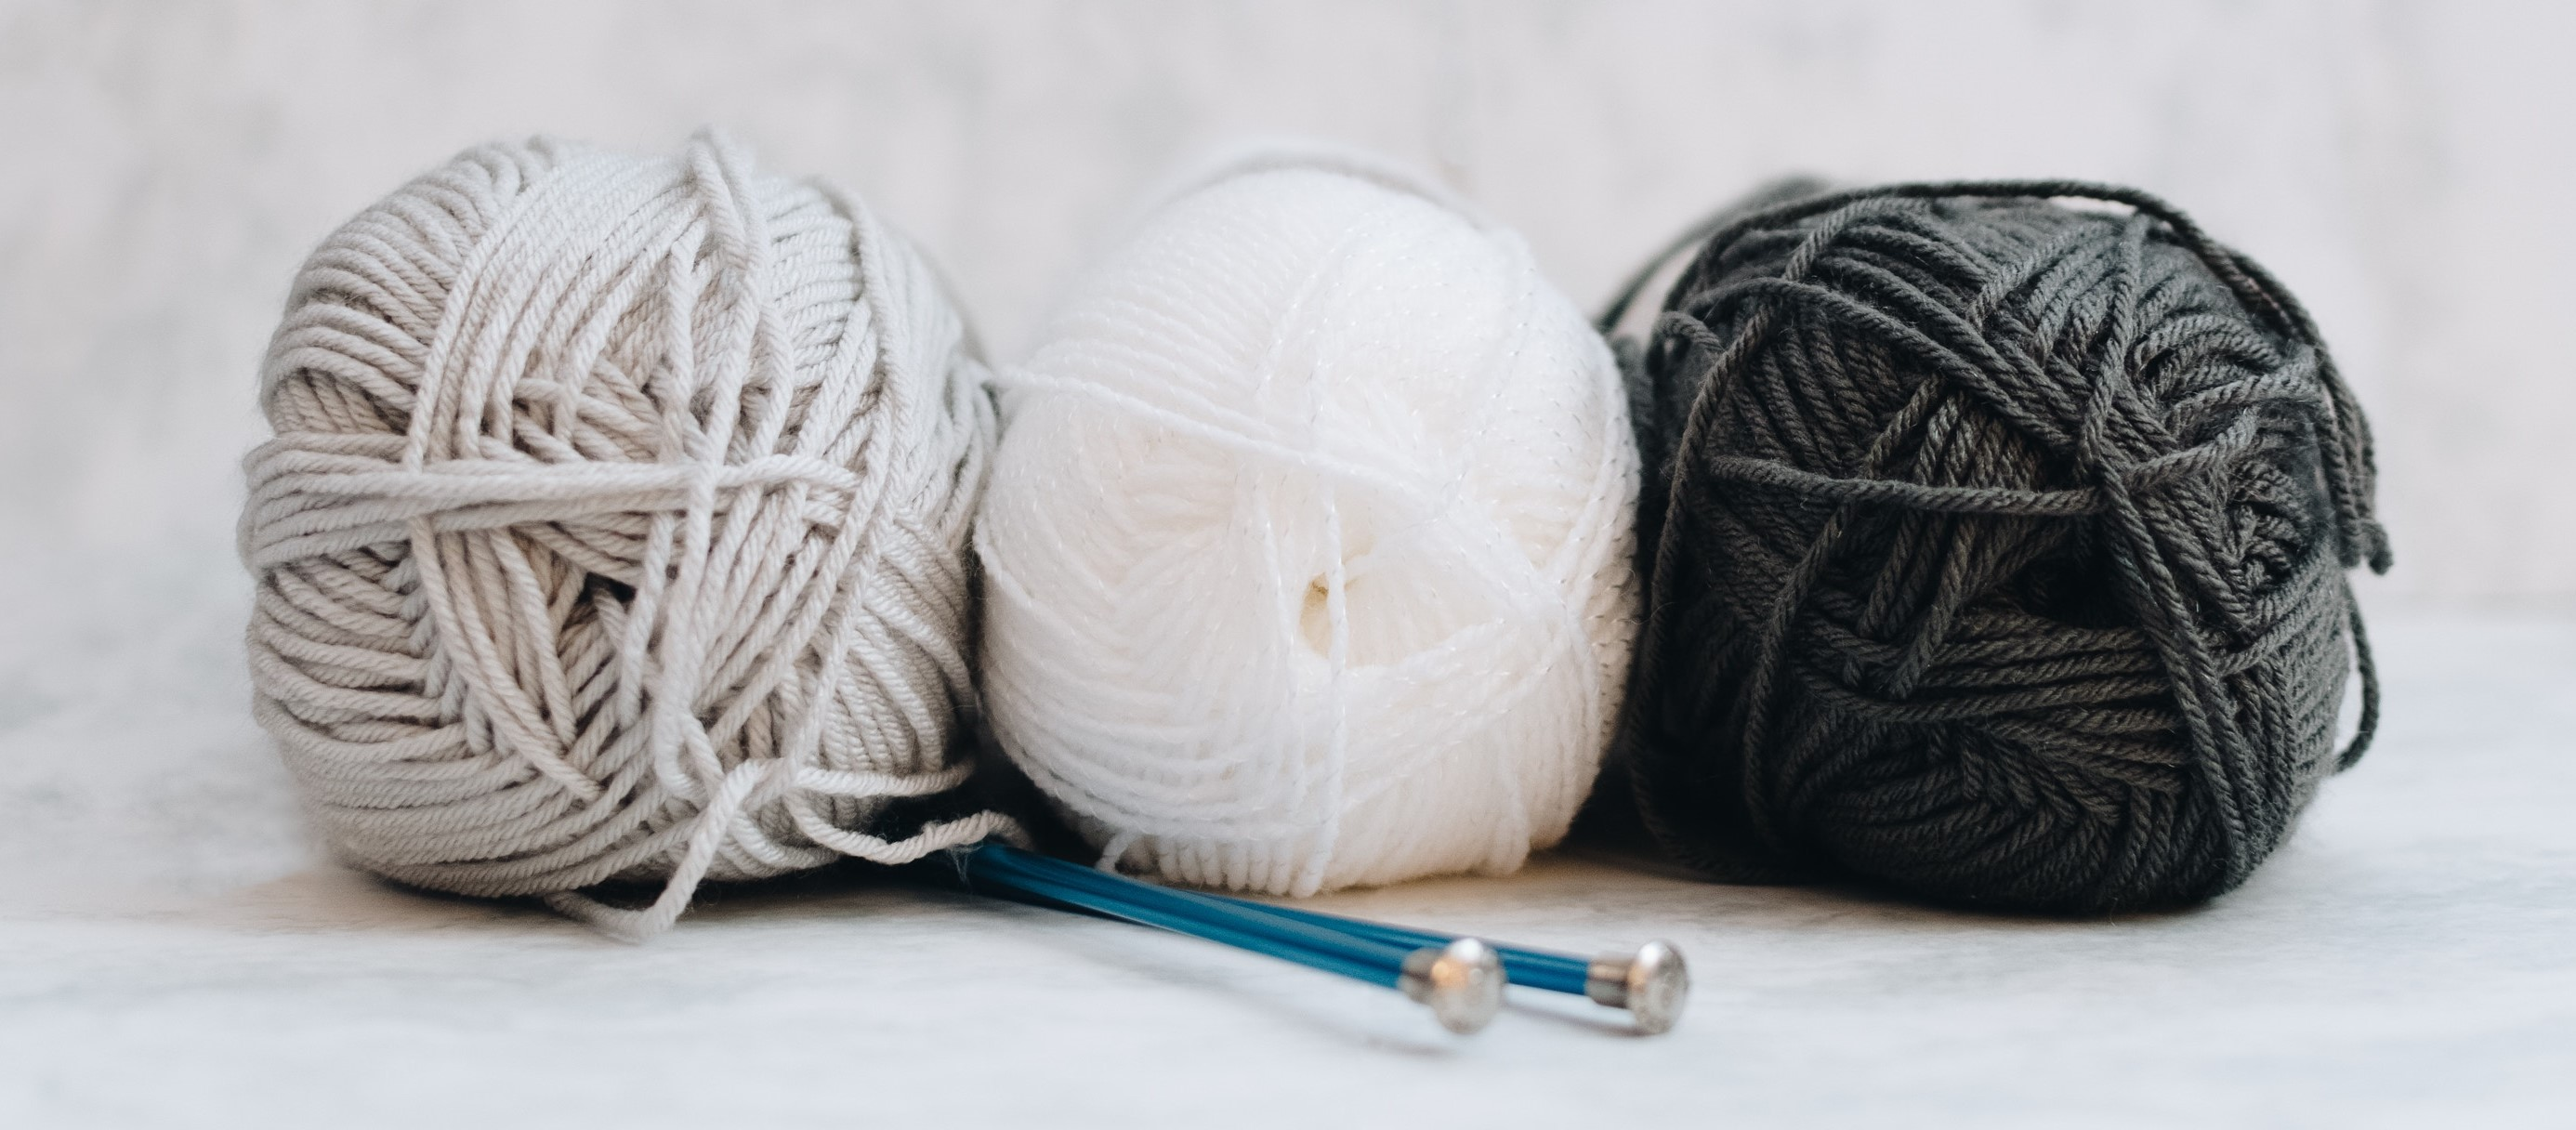 Bundles of wool